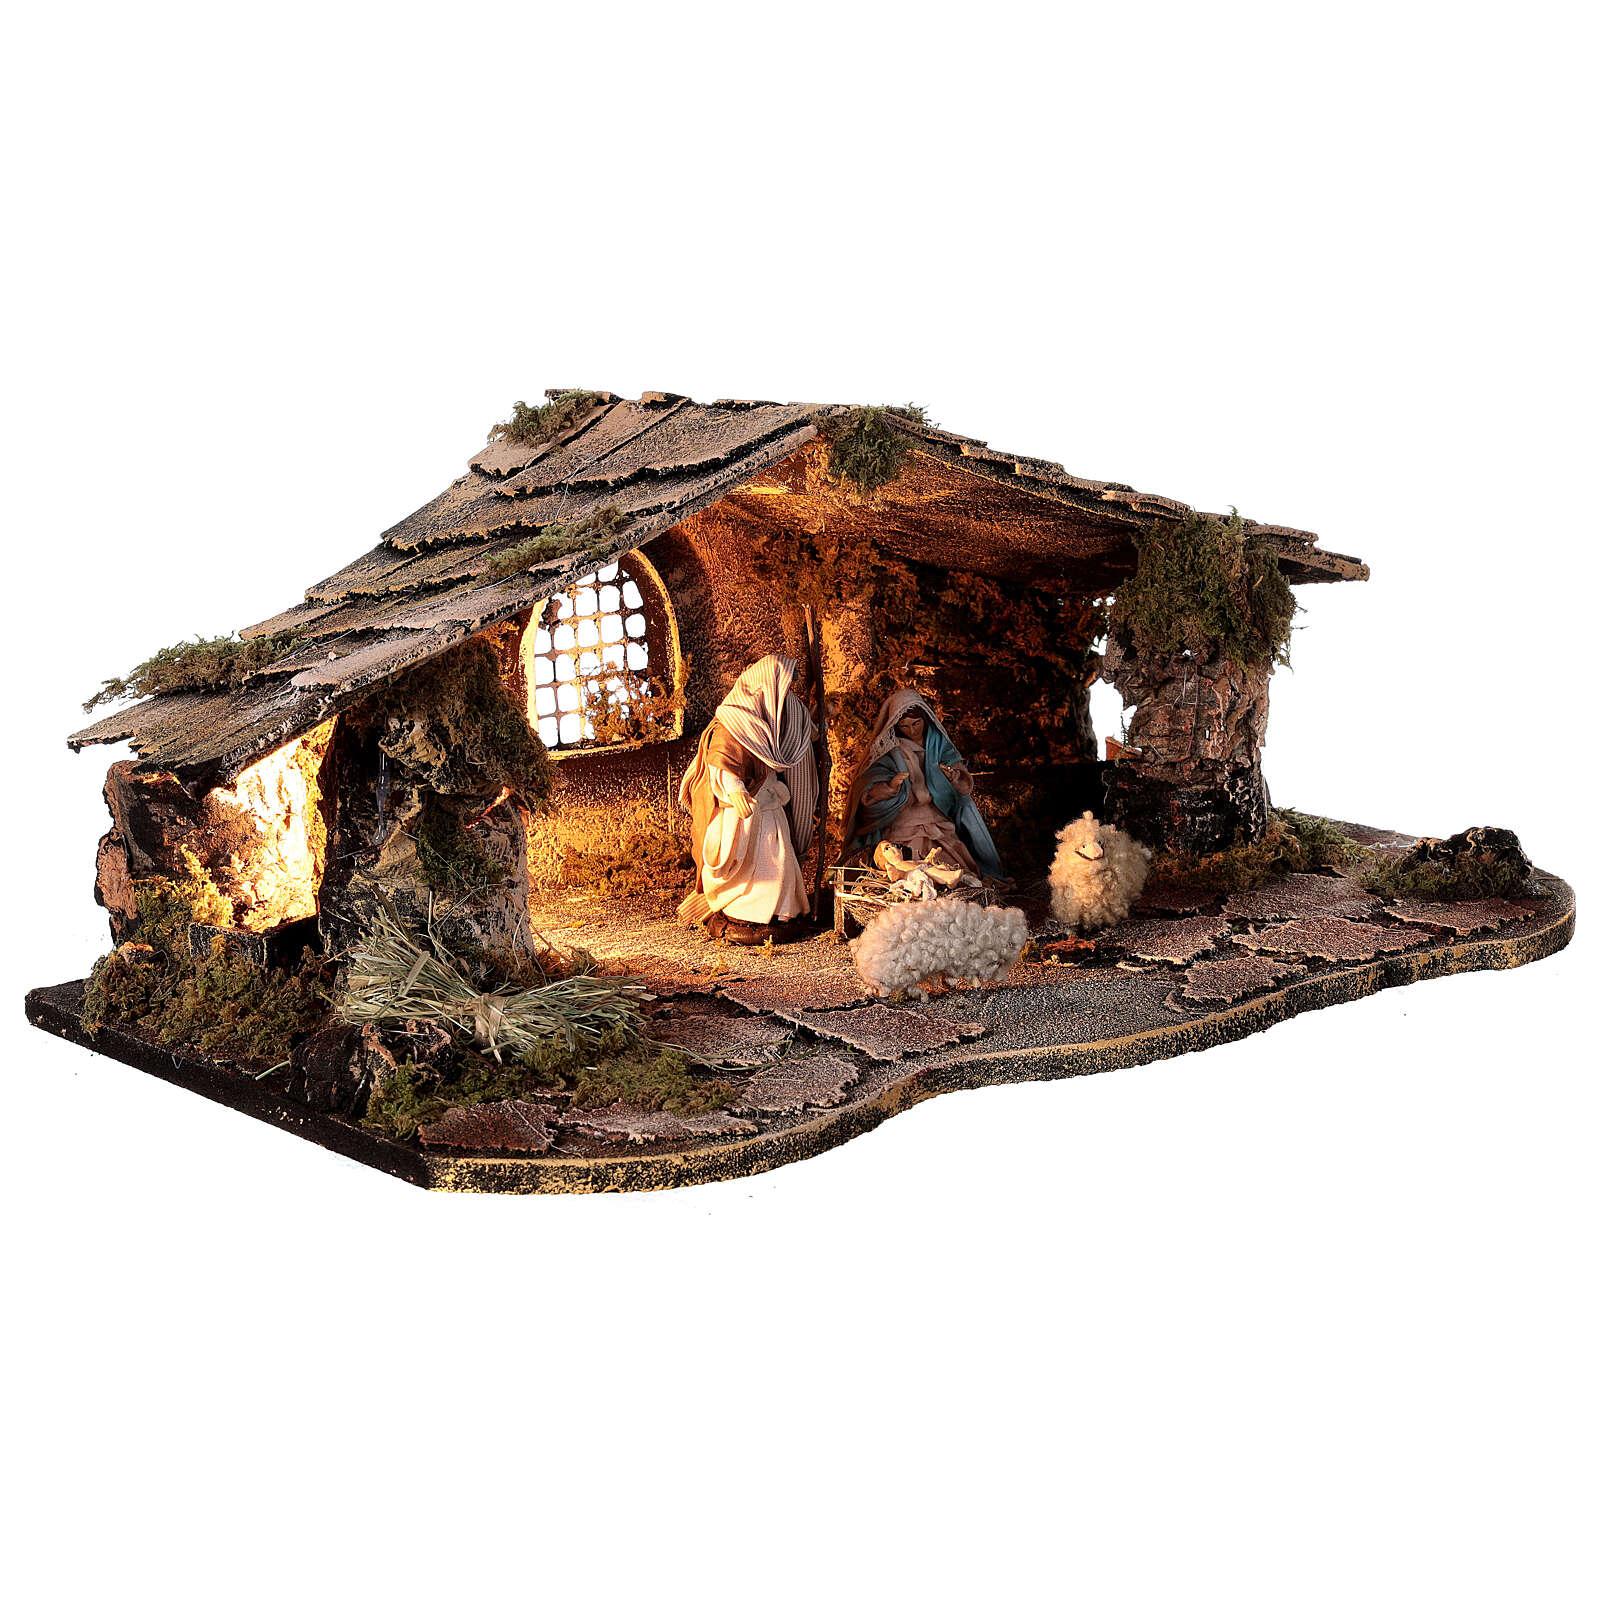 Cabane rustique crèche napolitaine santons terre cuite 10 cm 30x50x20 cm 4